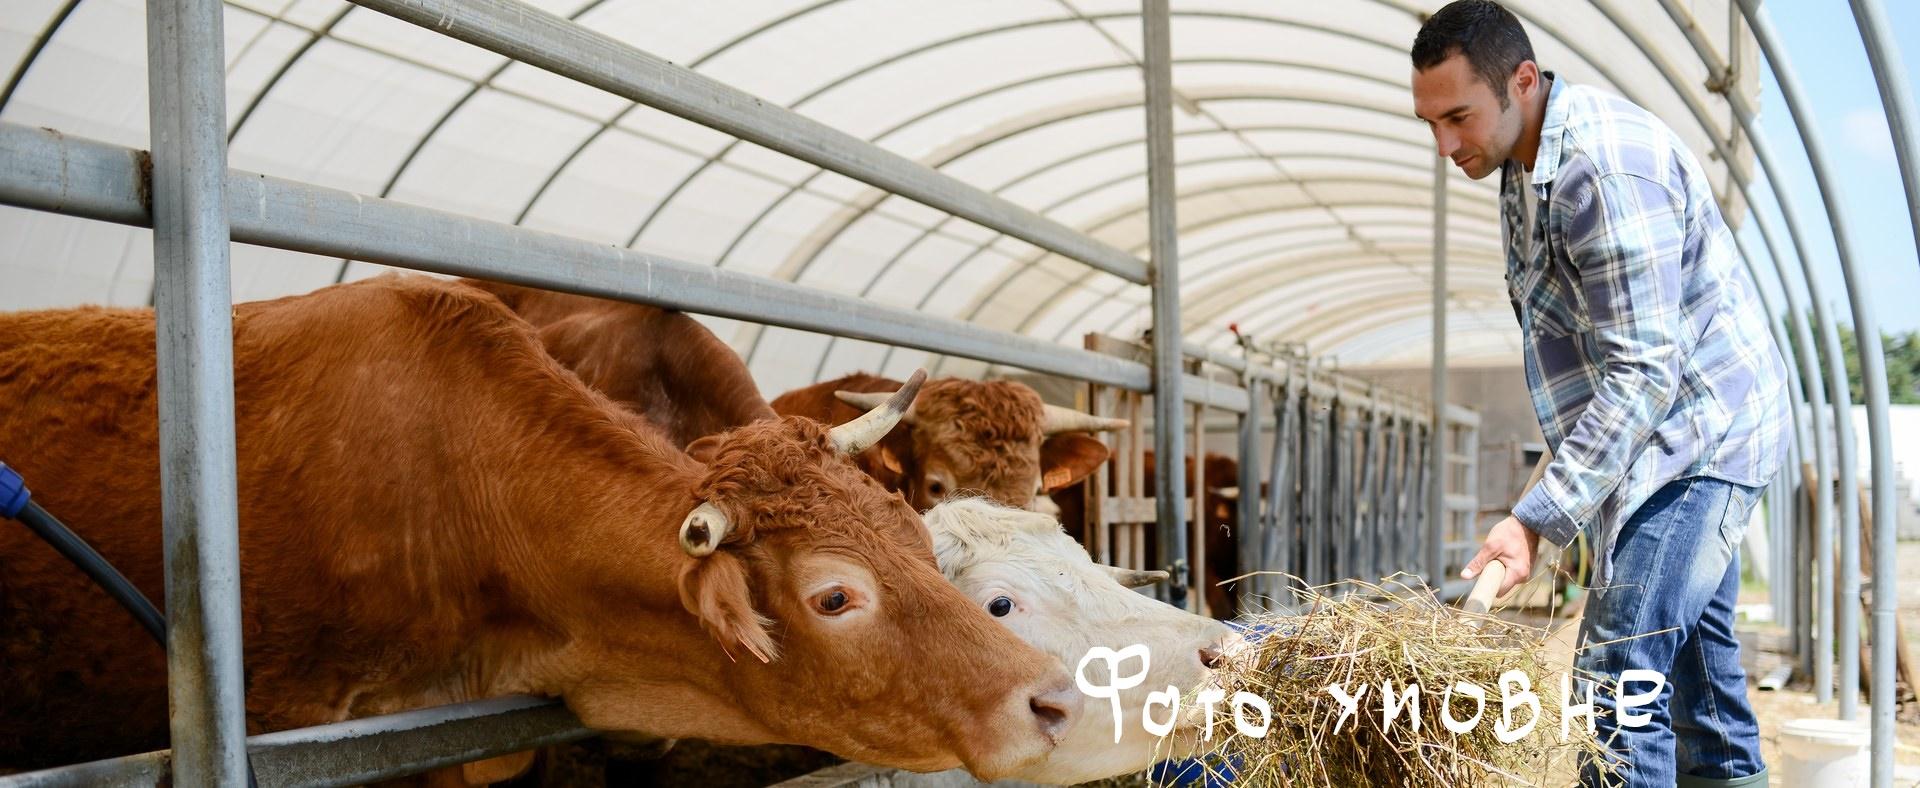 Про державну підтримку тваринництва у 2021 році